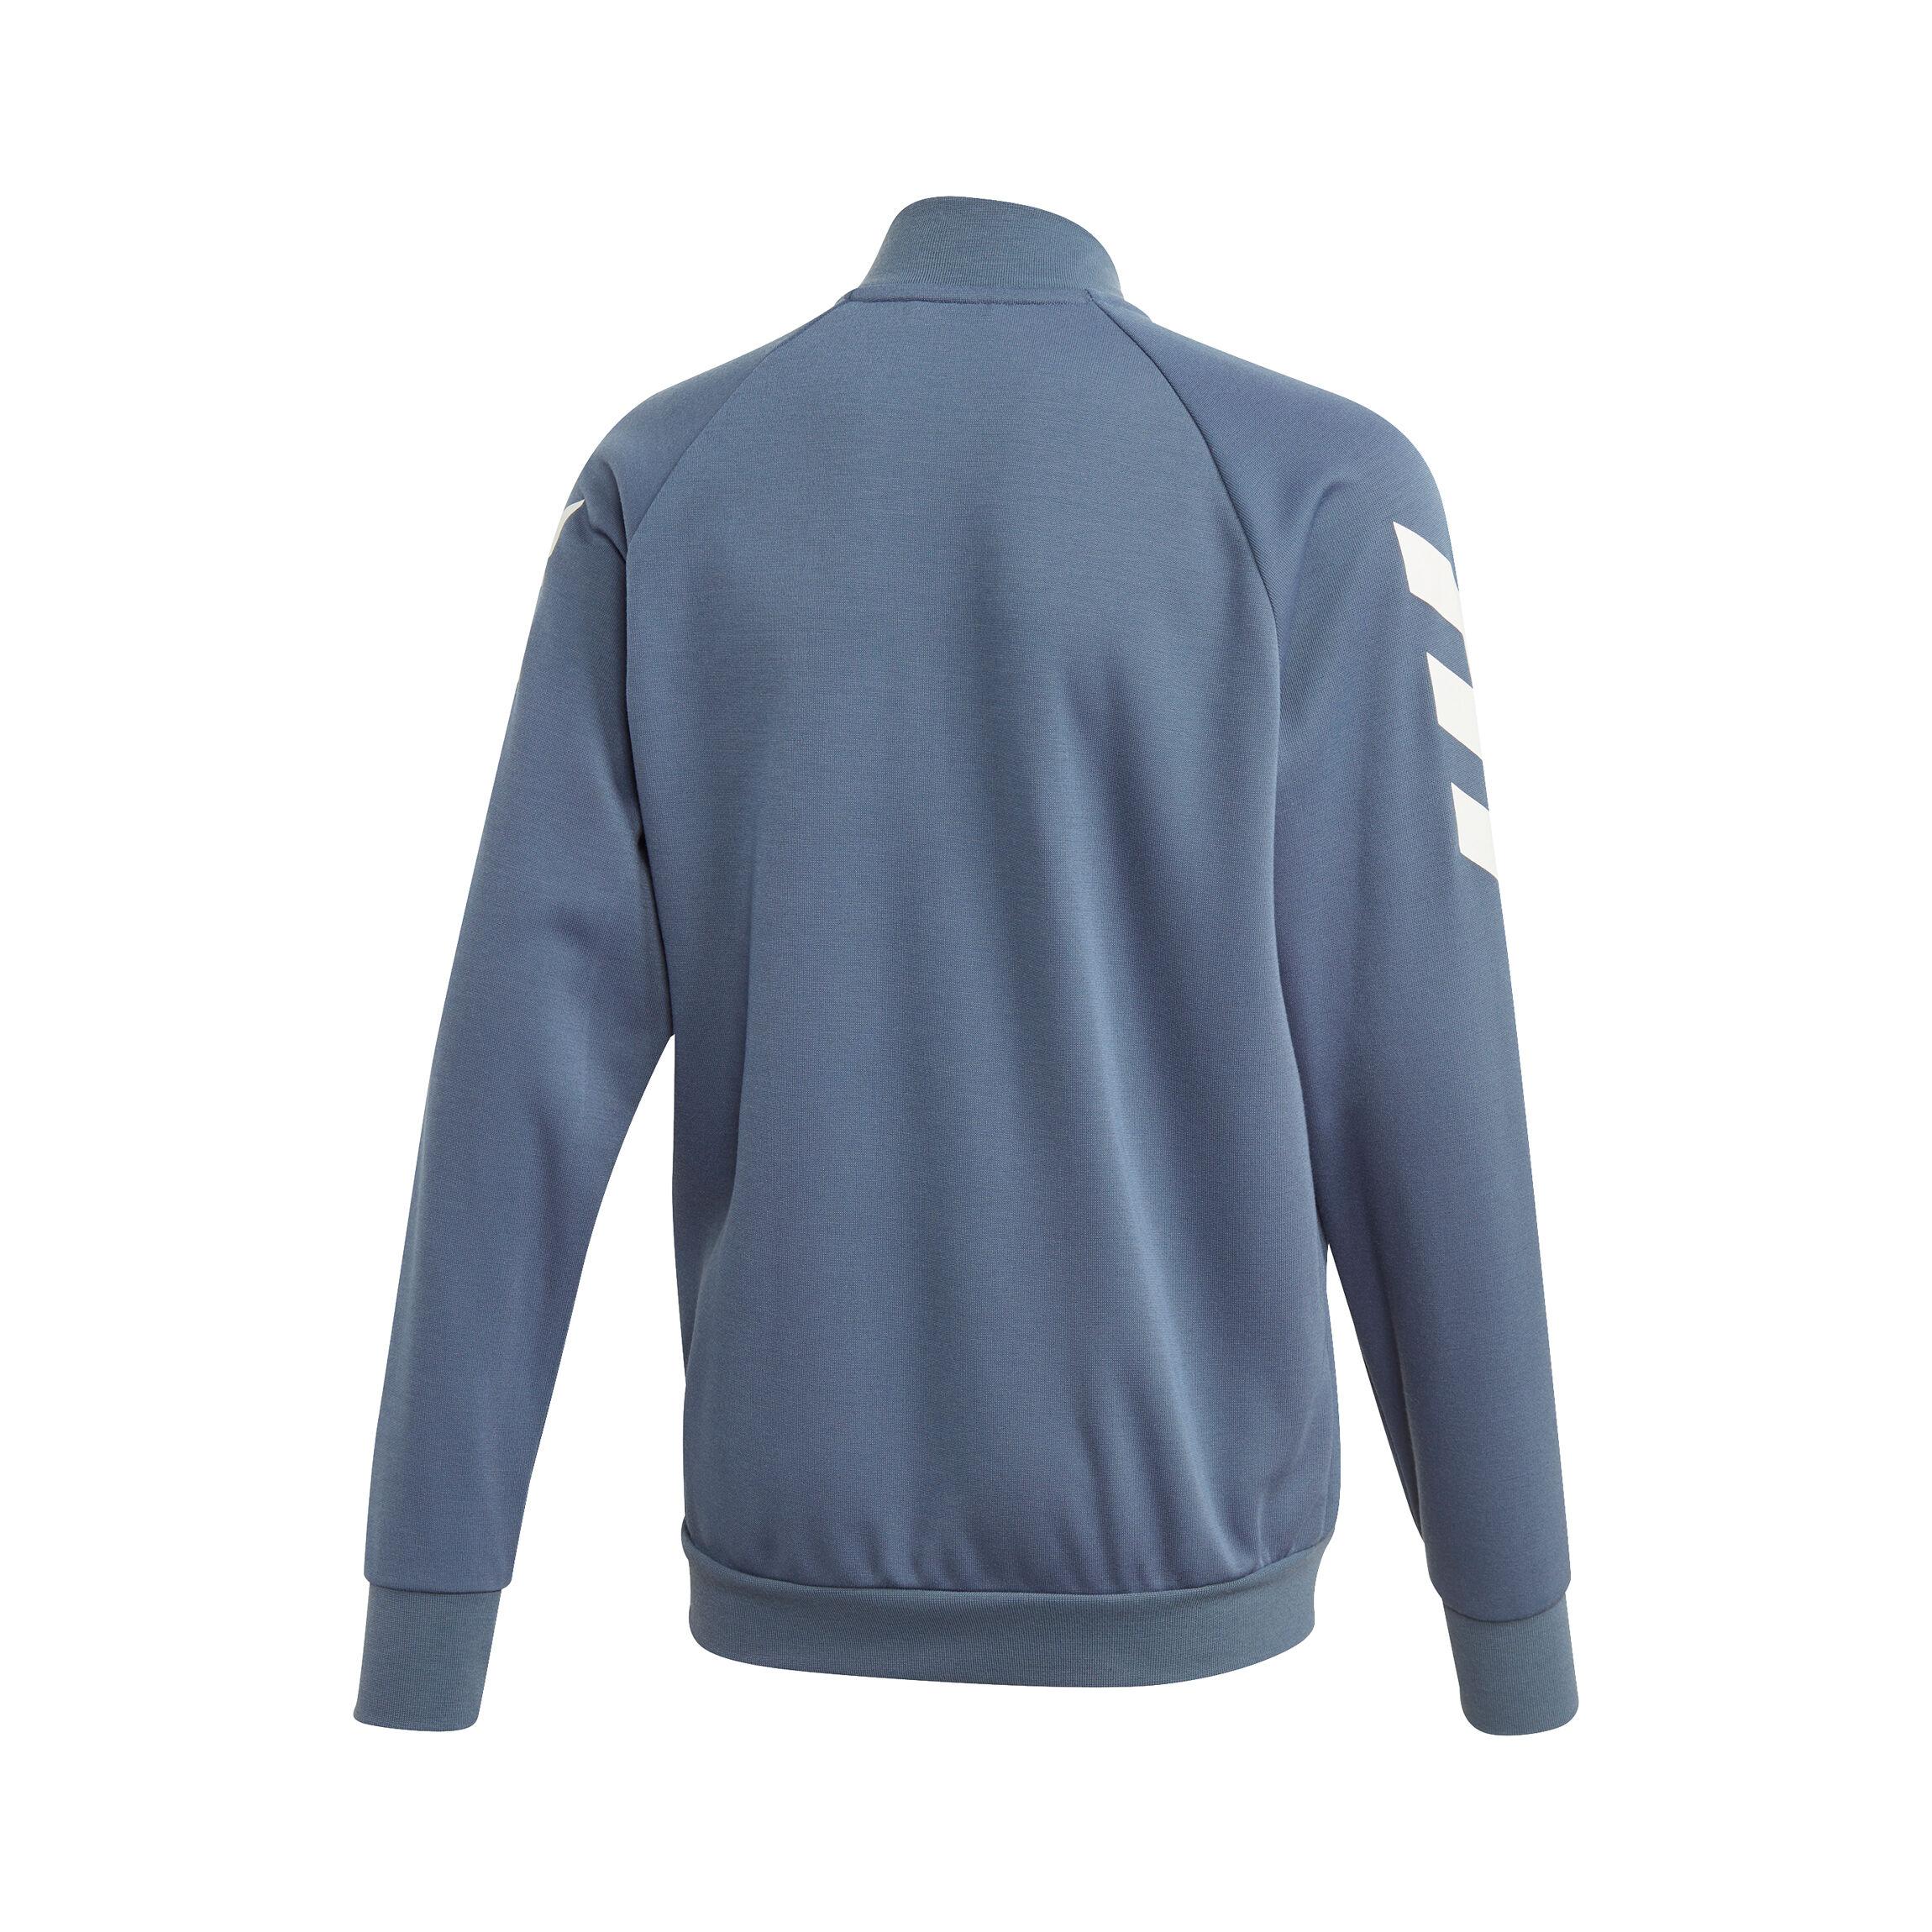 adidas XFG Trainingsanzug Jungen Grau, Weiß online kaufen